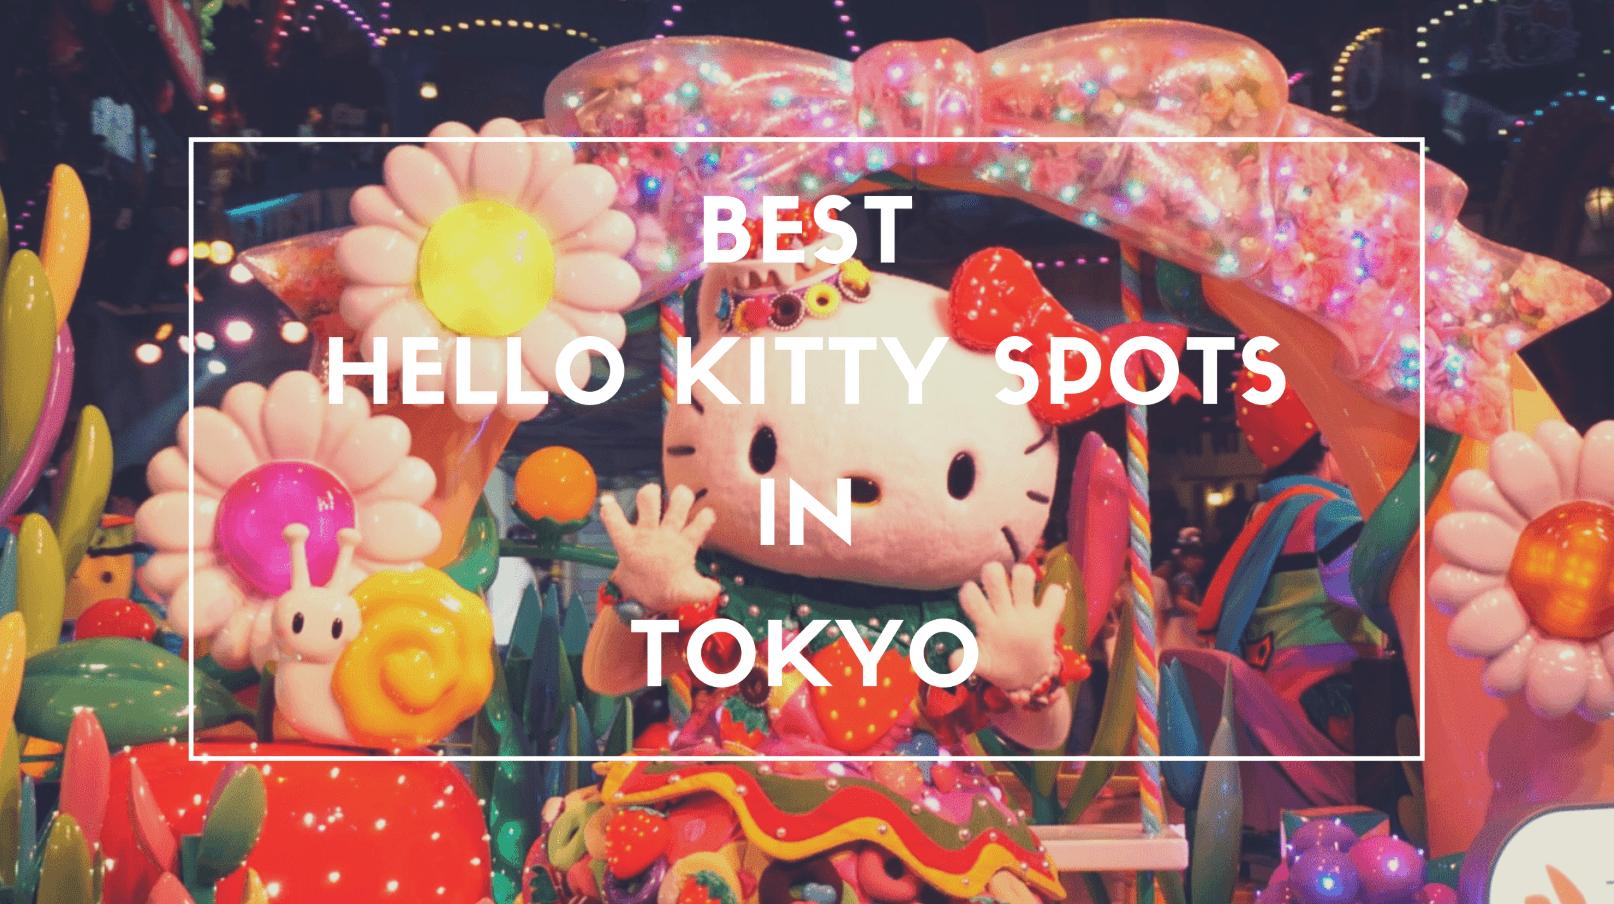 5 Best Hello Kitty Spots inTokyo